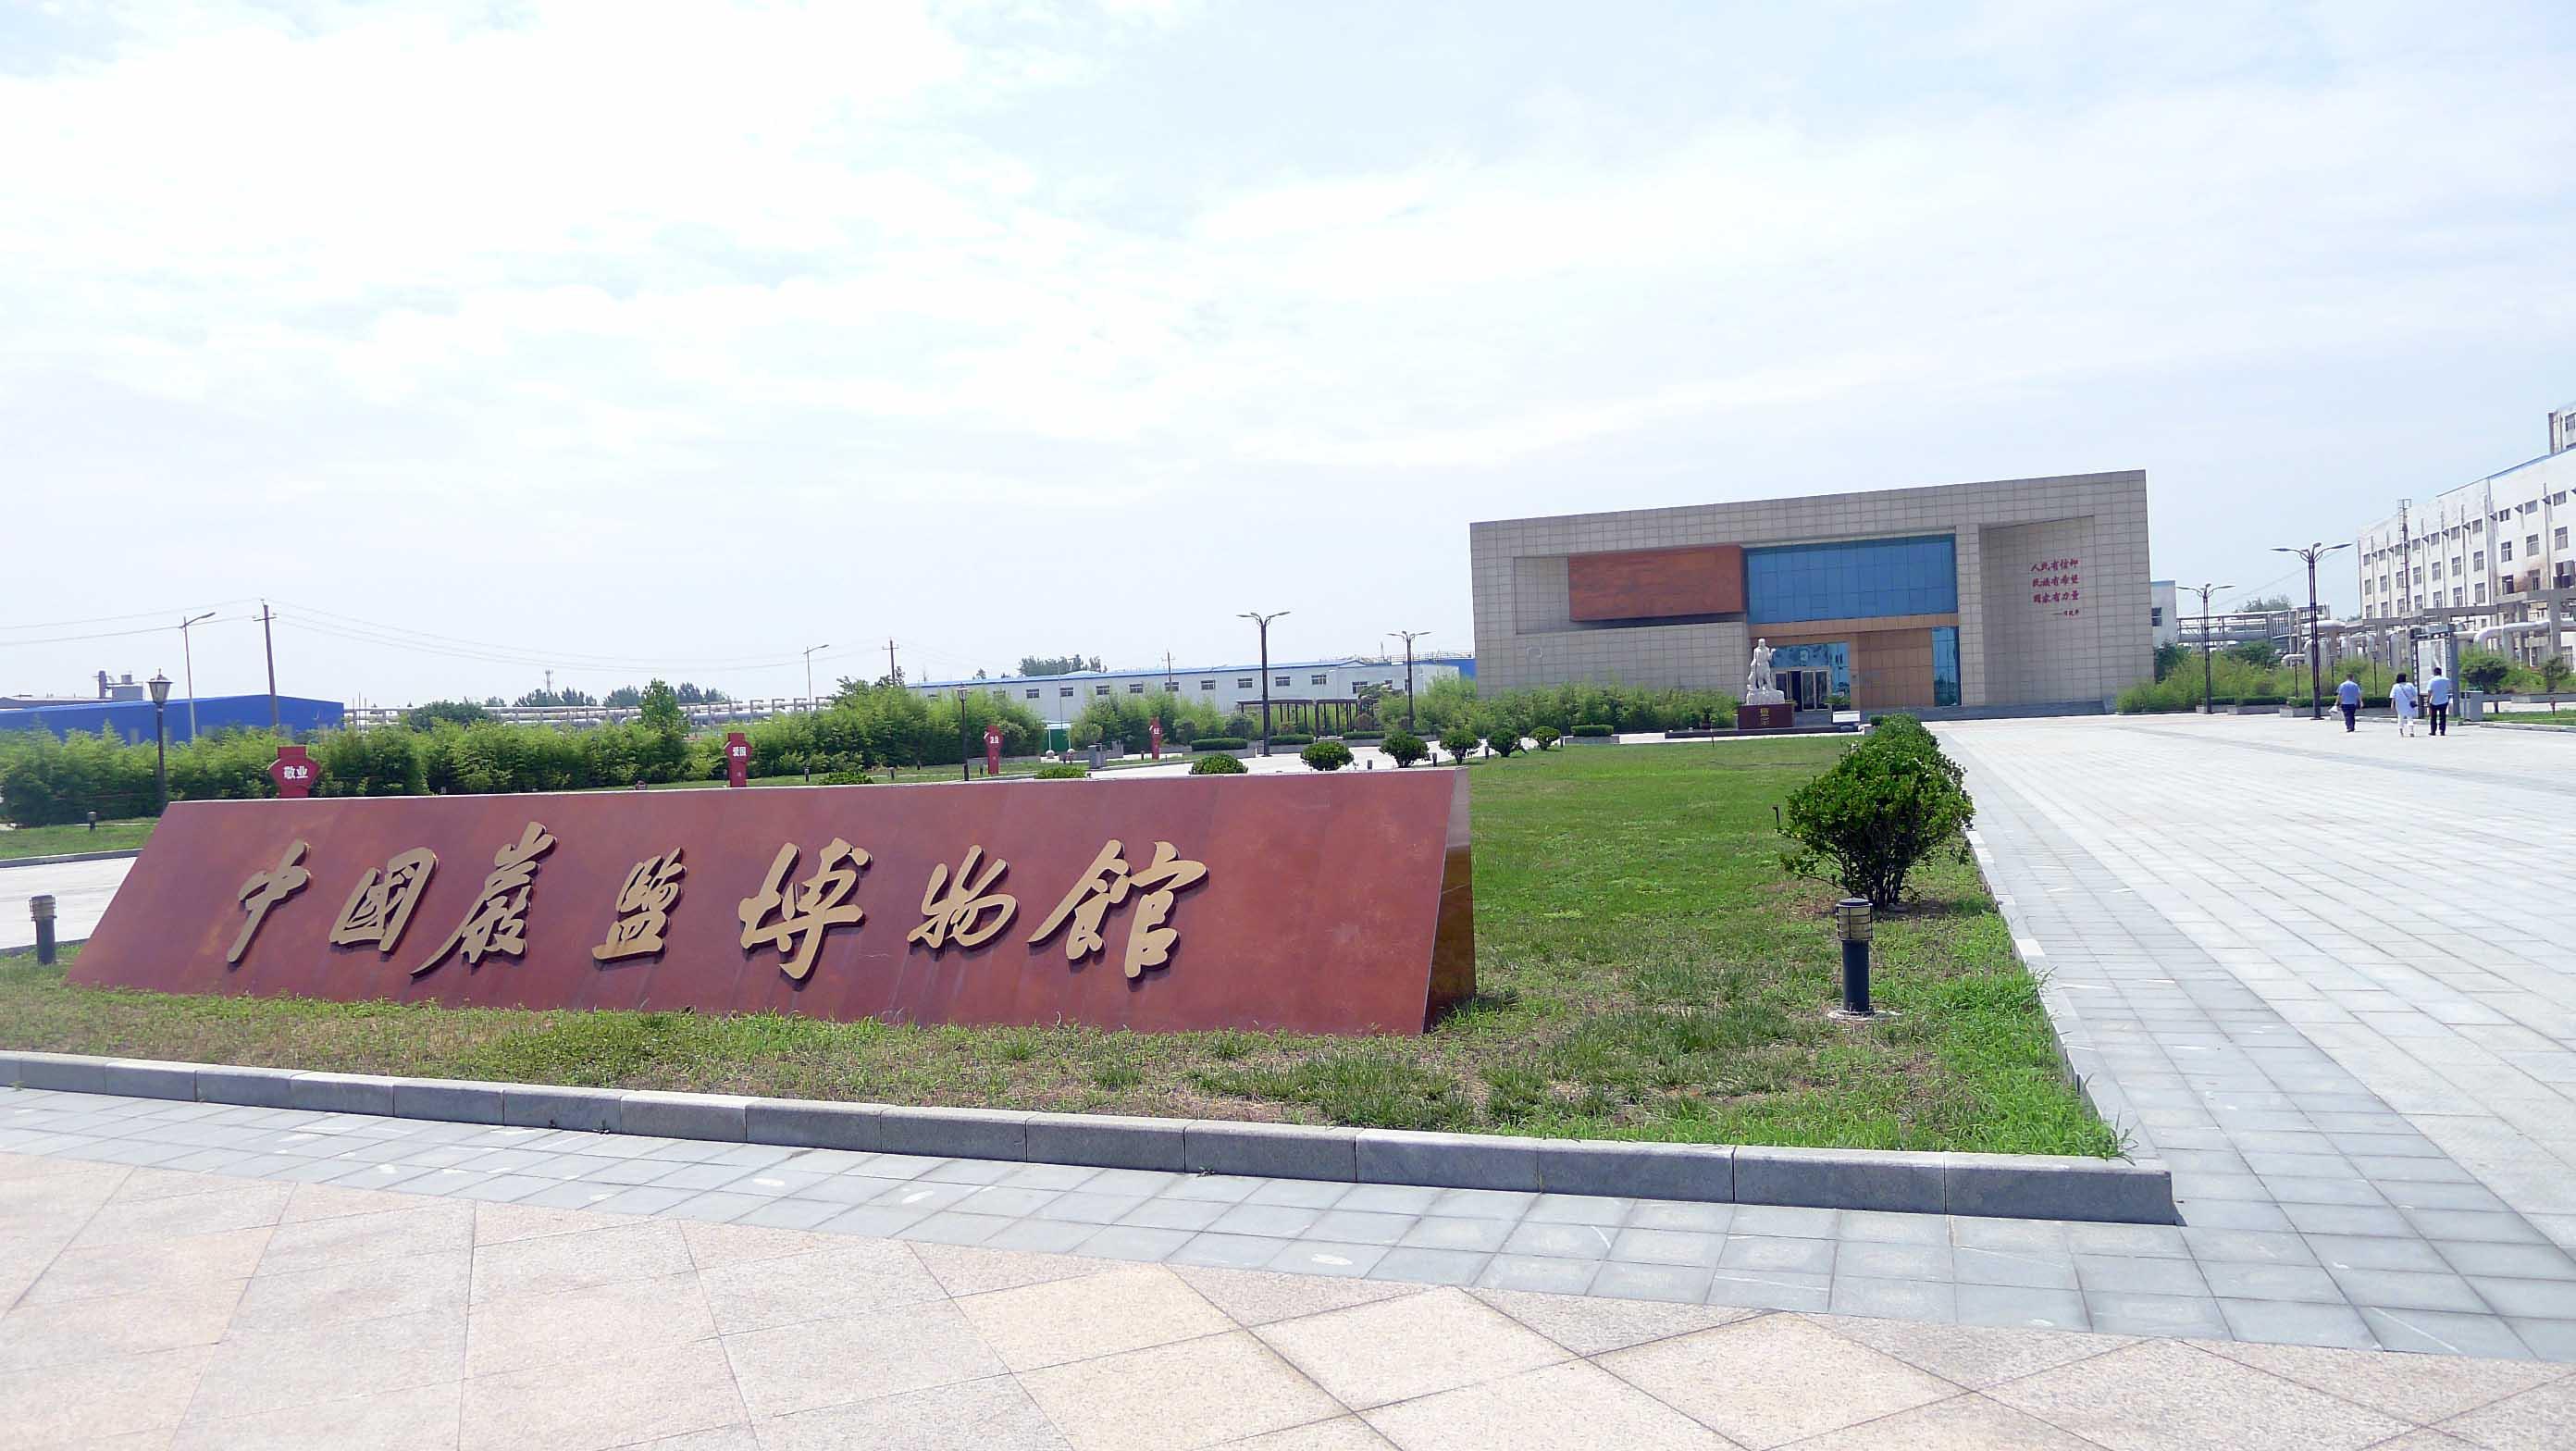 中国岩盐博物馆展现中国盐业辉煌成就